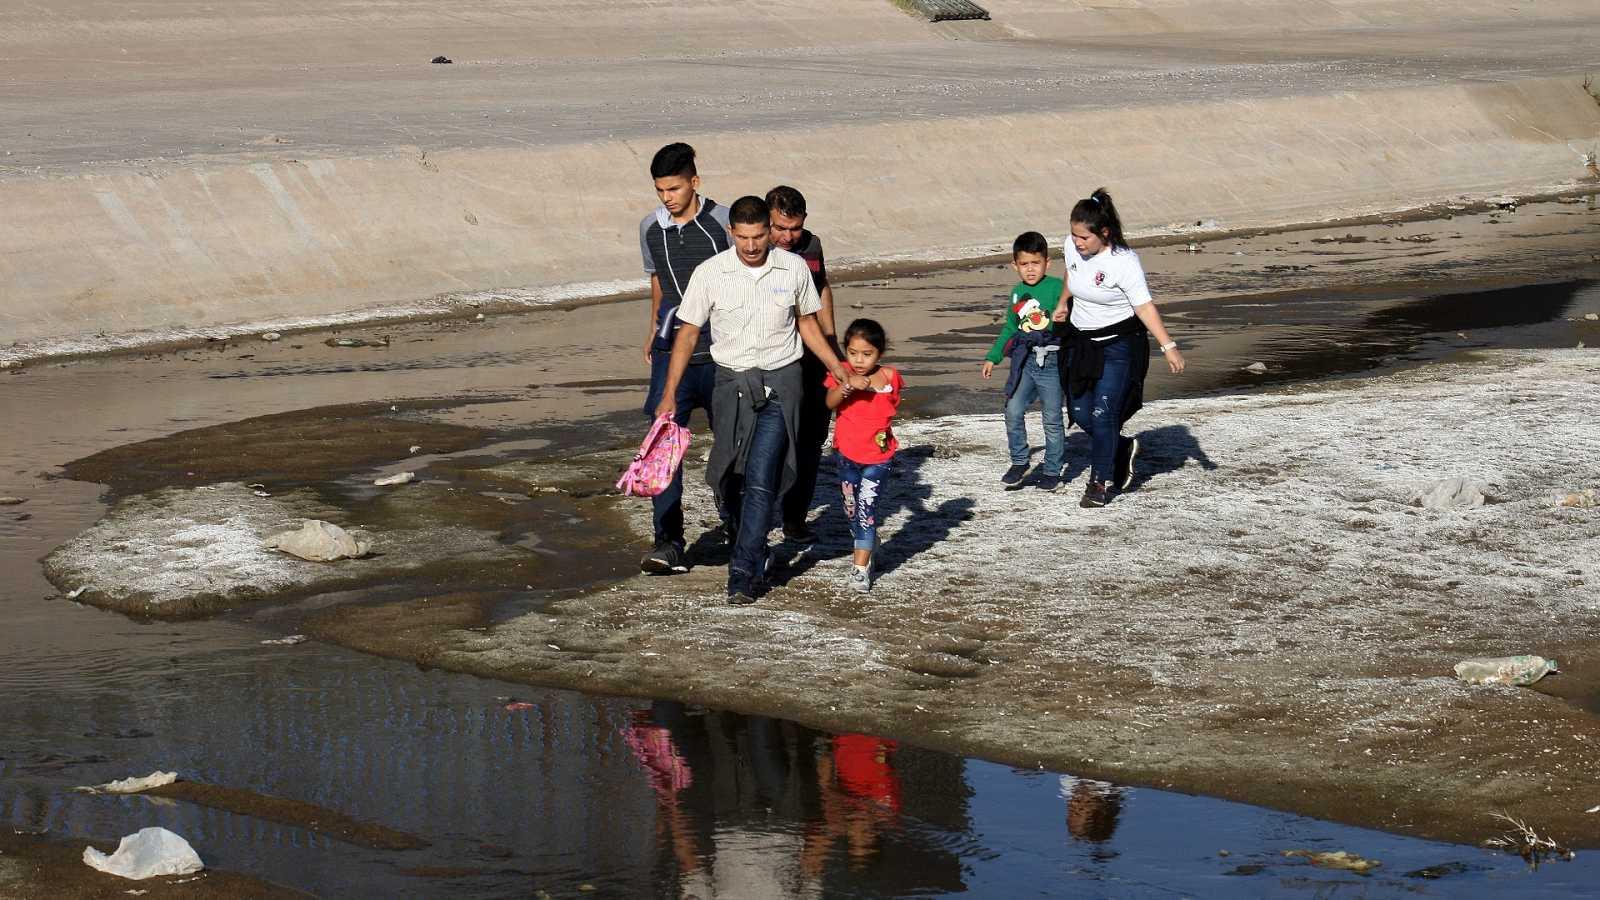 El muro legislativo de Trump separa familias y facilita miles de deportaciones